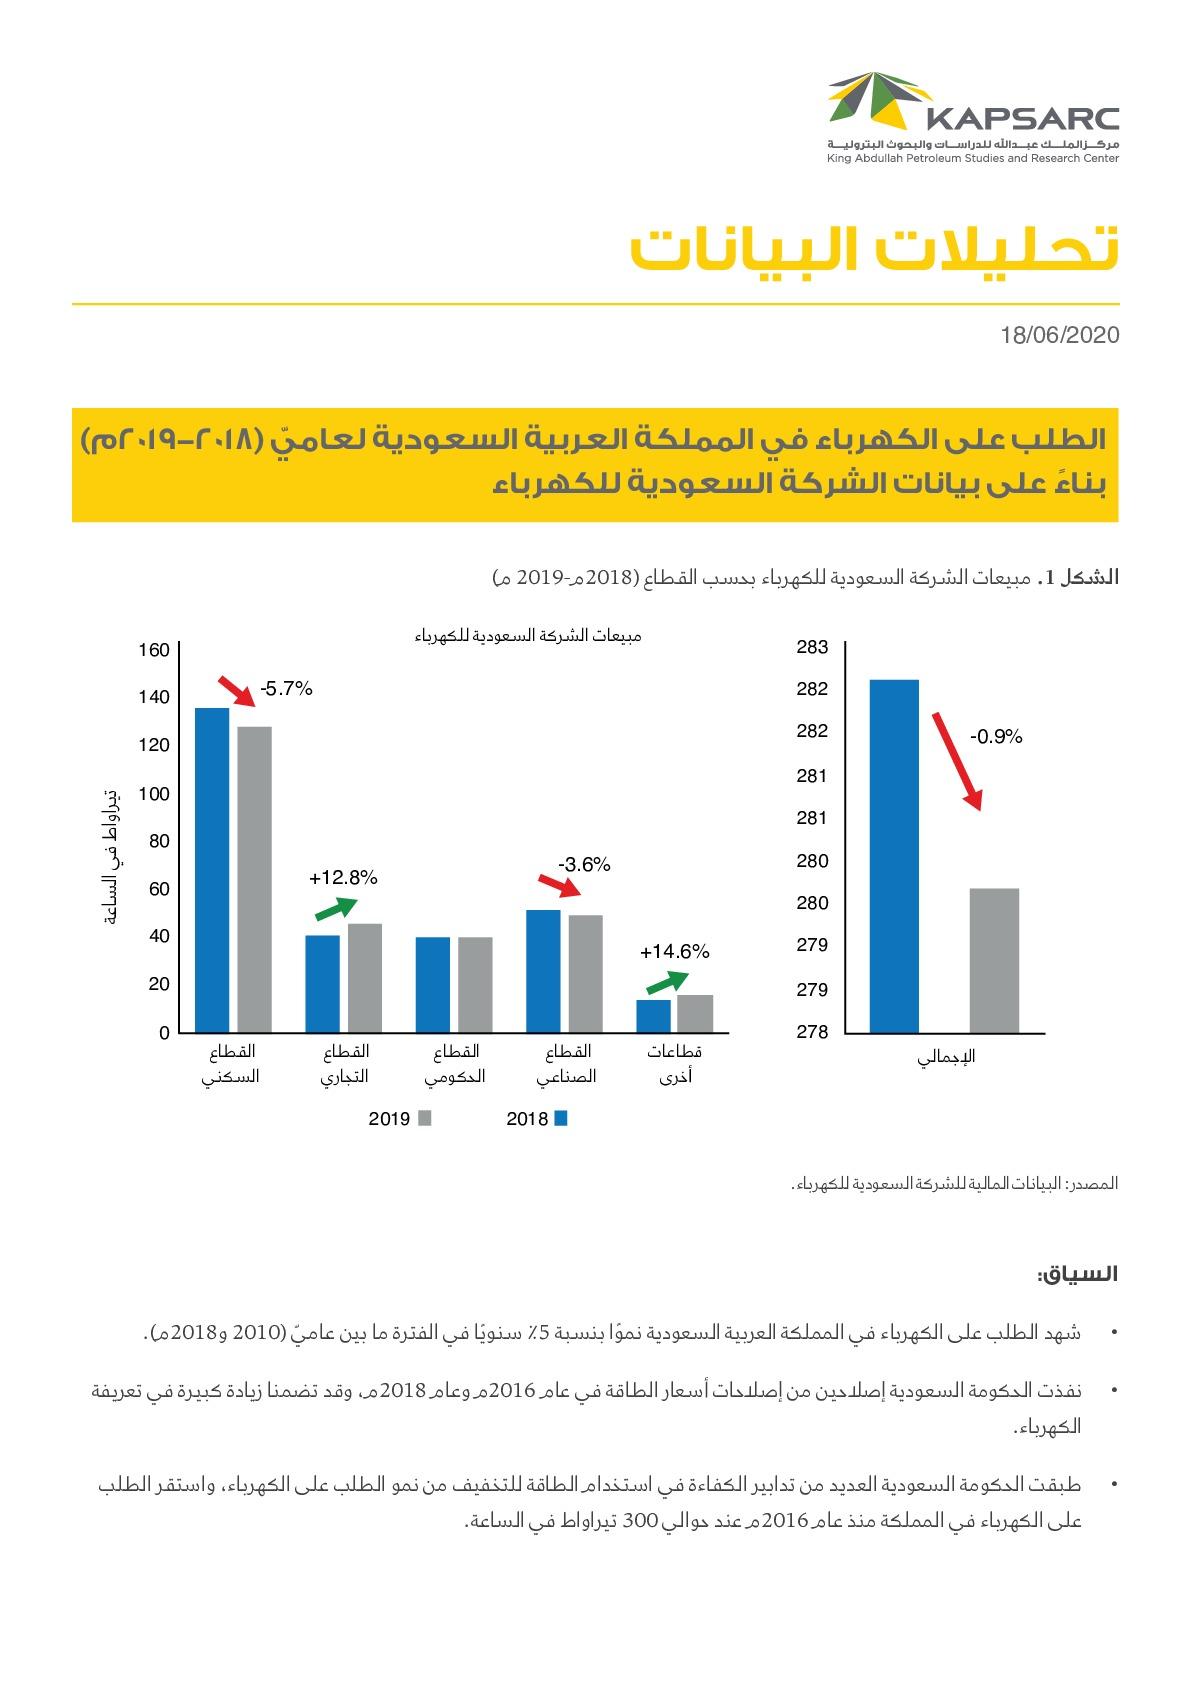 الطلب على الكهرباء في المملكة العربية السعودية لعاميّ 2018-2019 بناءً على بيانات الشركة السعودية للكهرباء